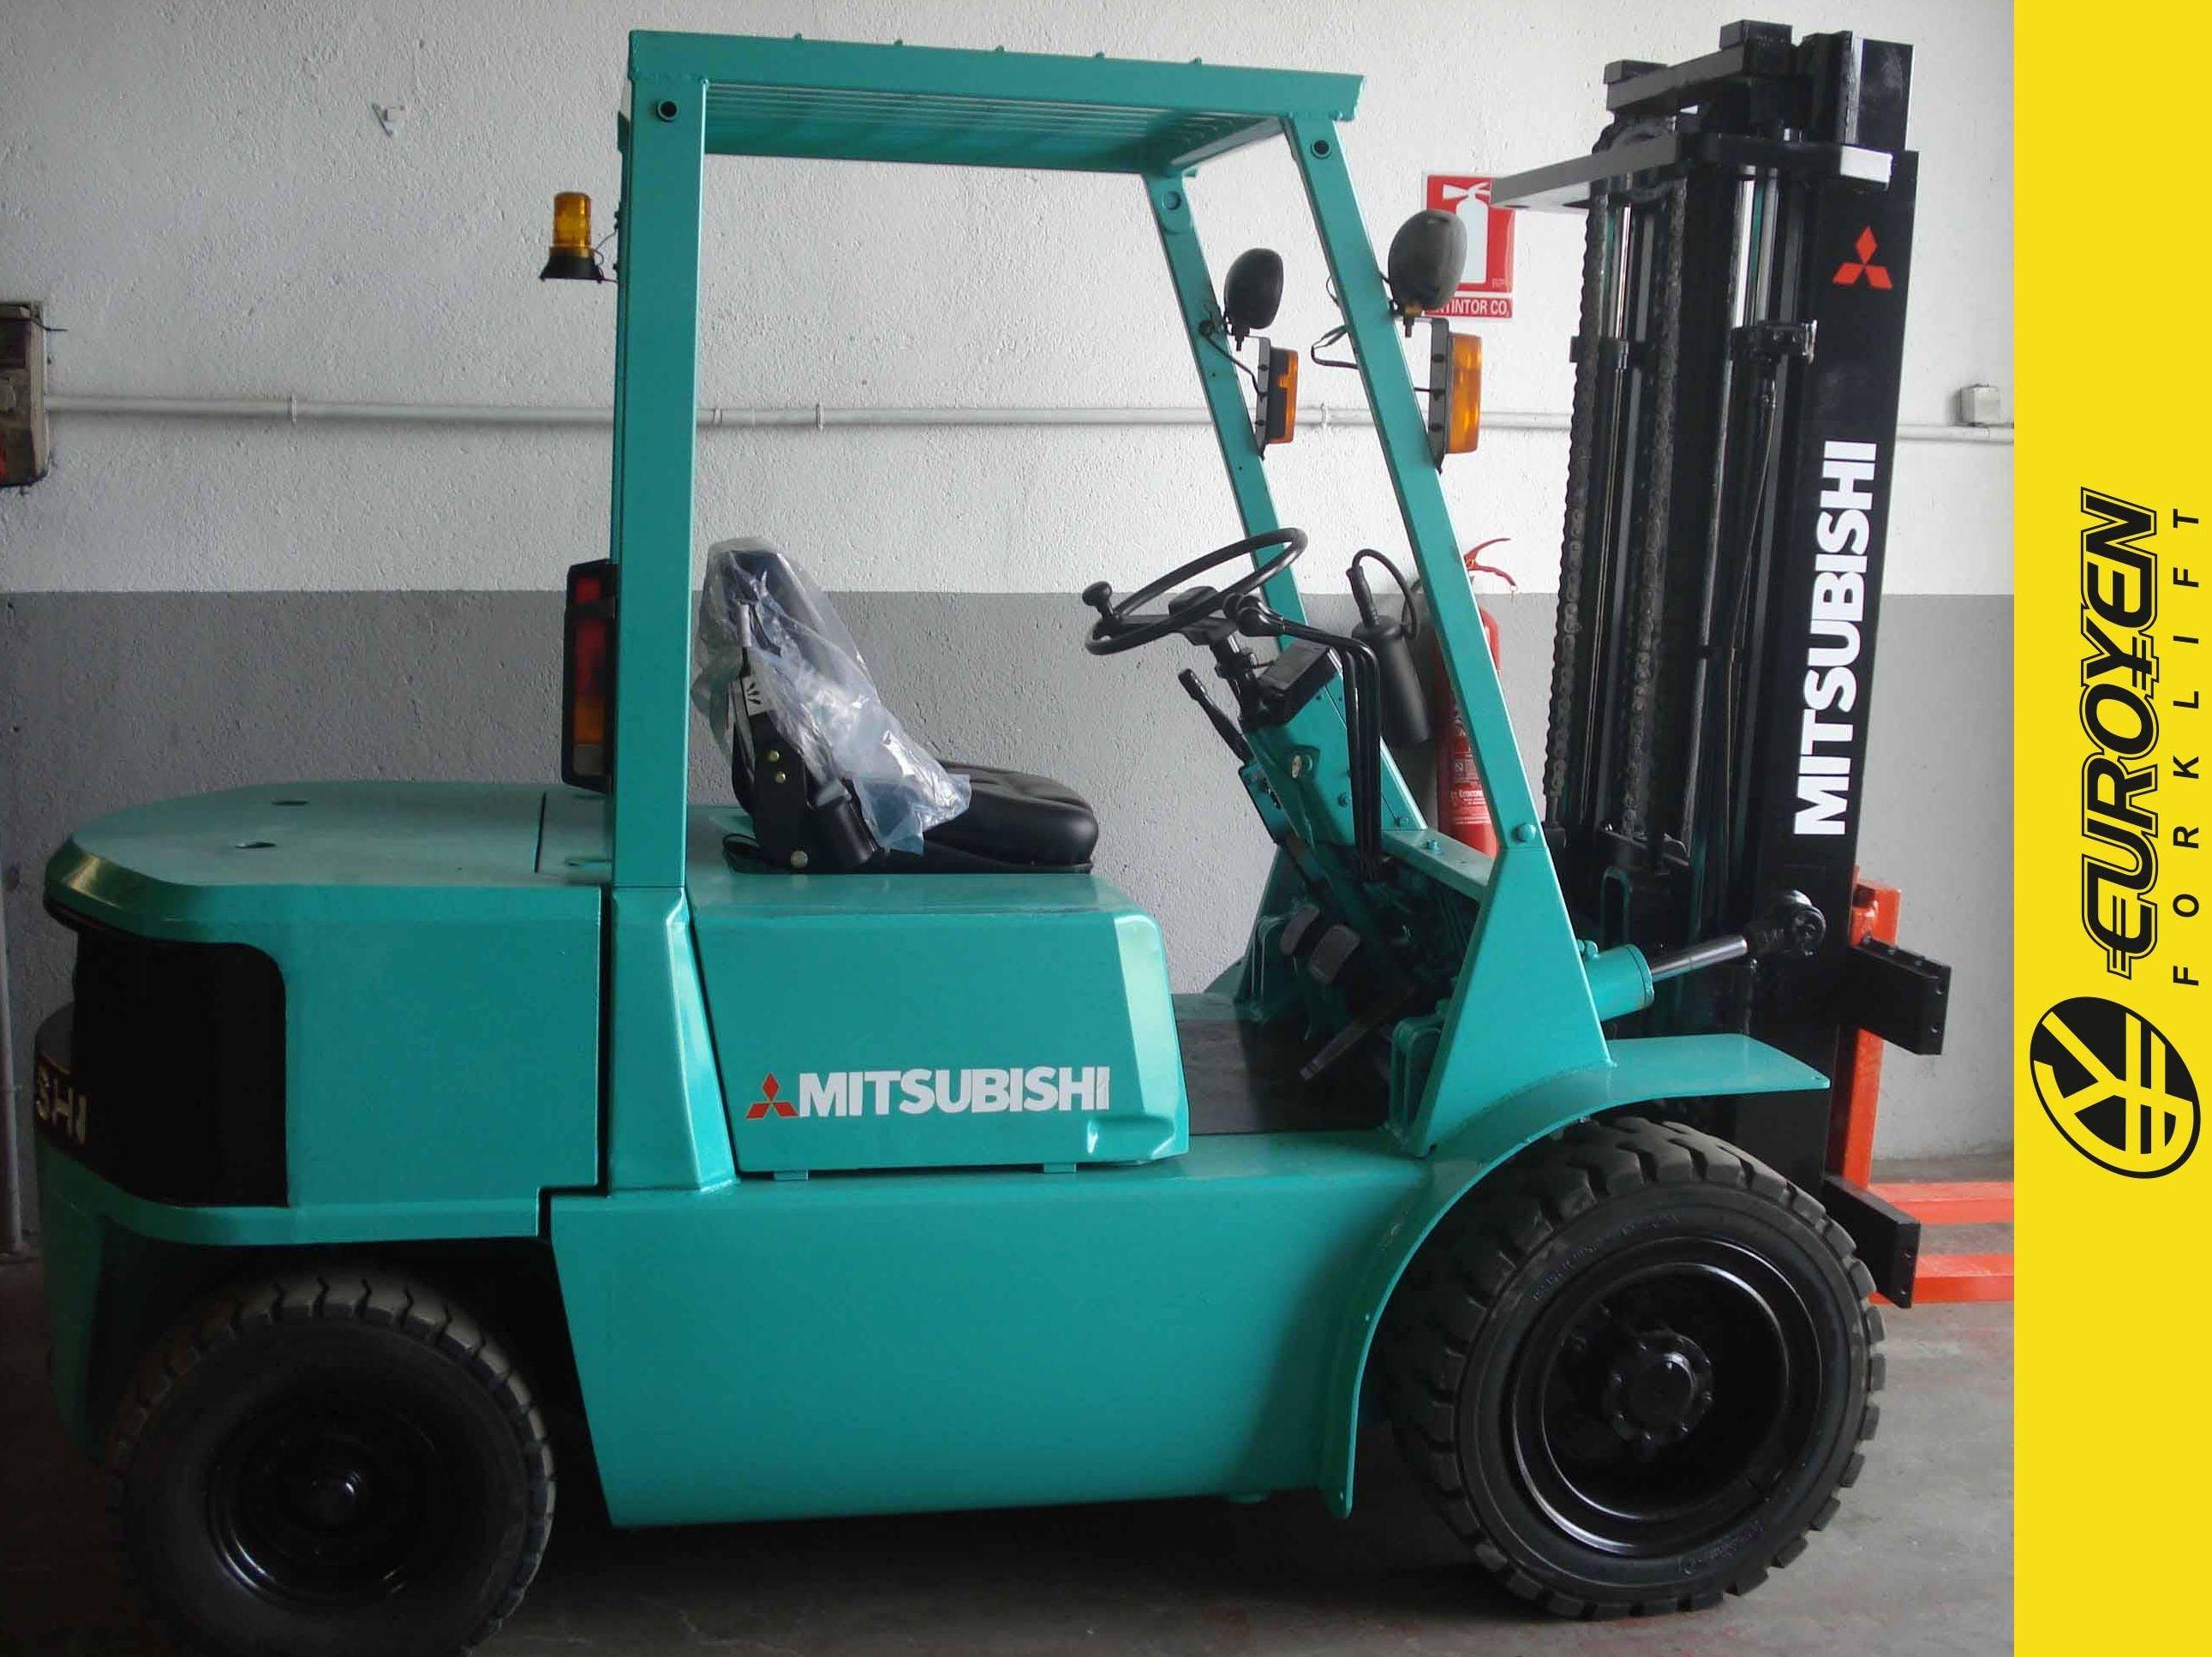 Carretilla diesel MITSUBISHI Nº 5840: Productos y servicios of Comercial Euroyen, S. L.